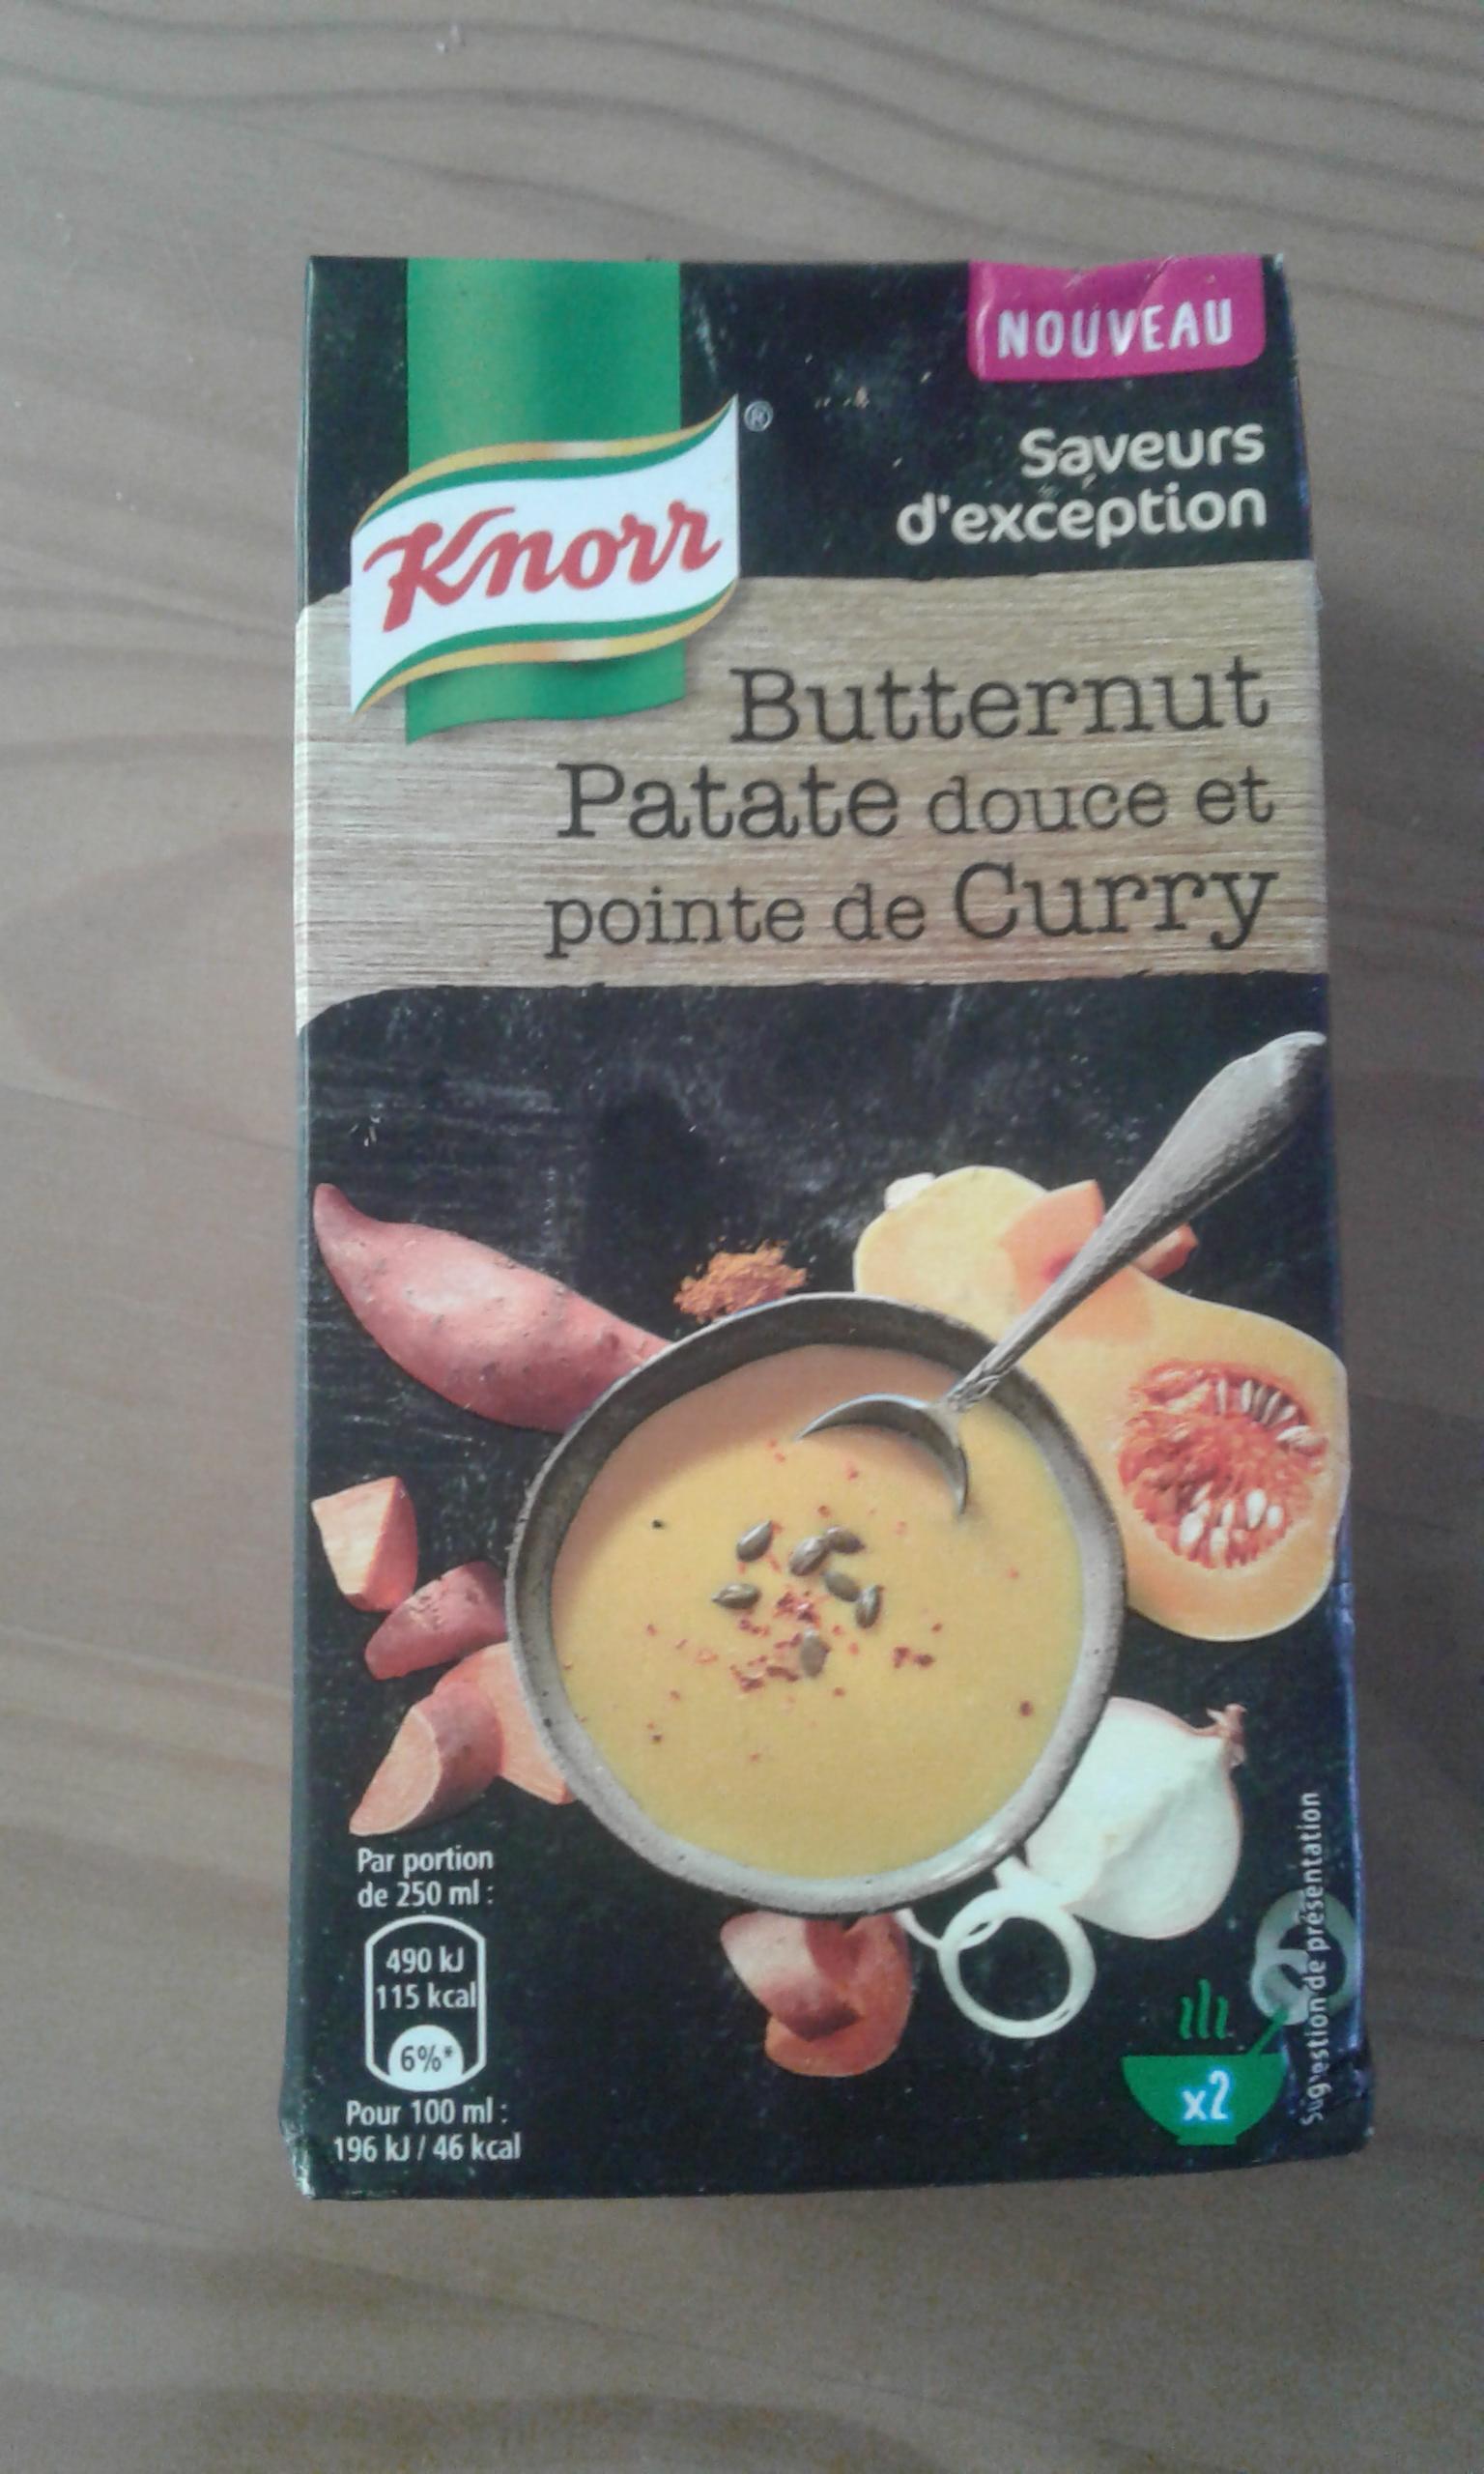 troc de troc res d - soupe knorr image 0